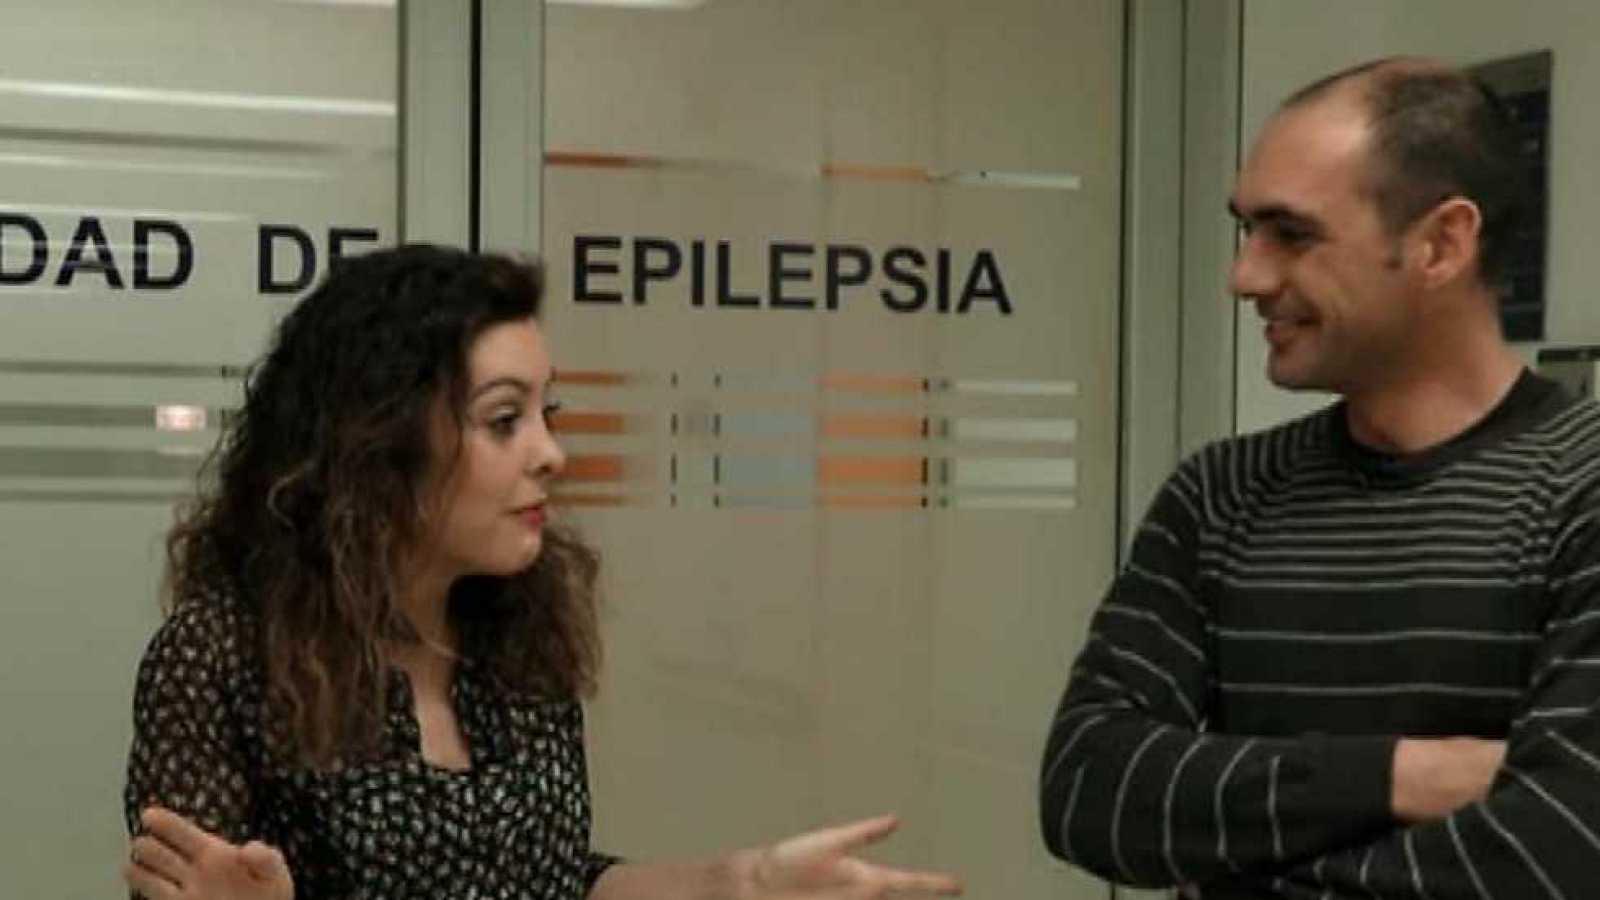 El ojo clínico - Epilepsia - ver ahora